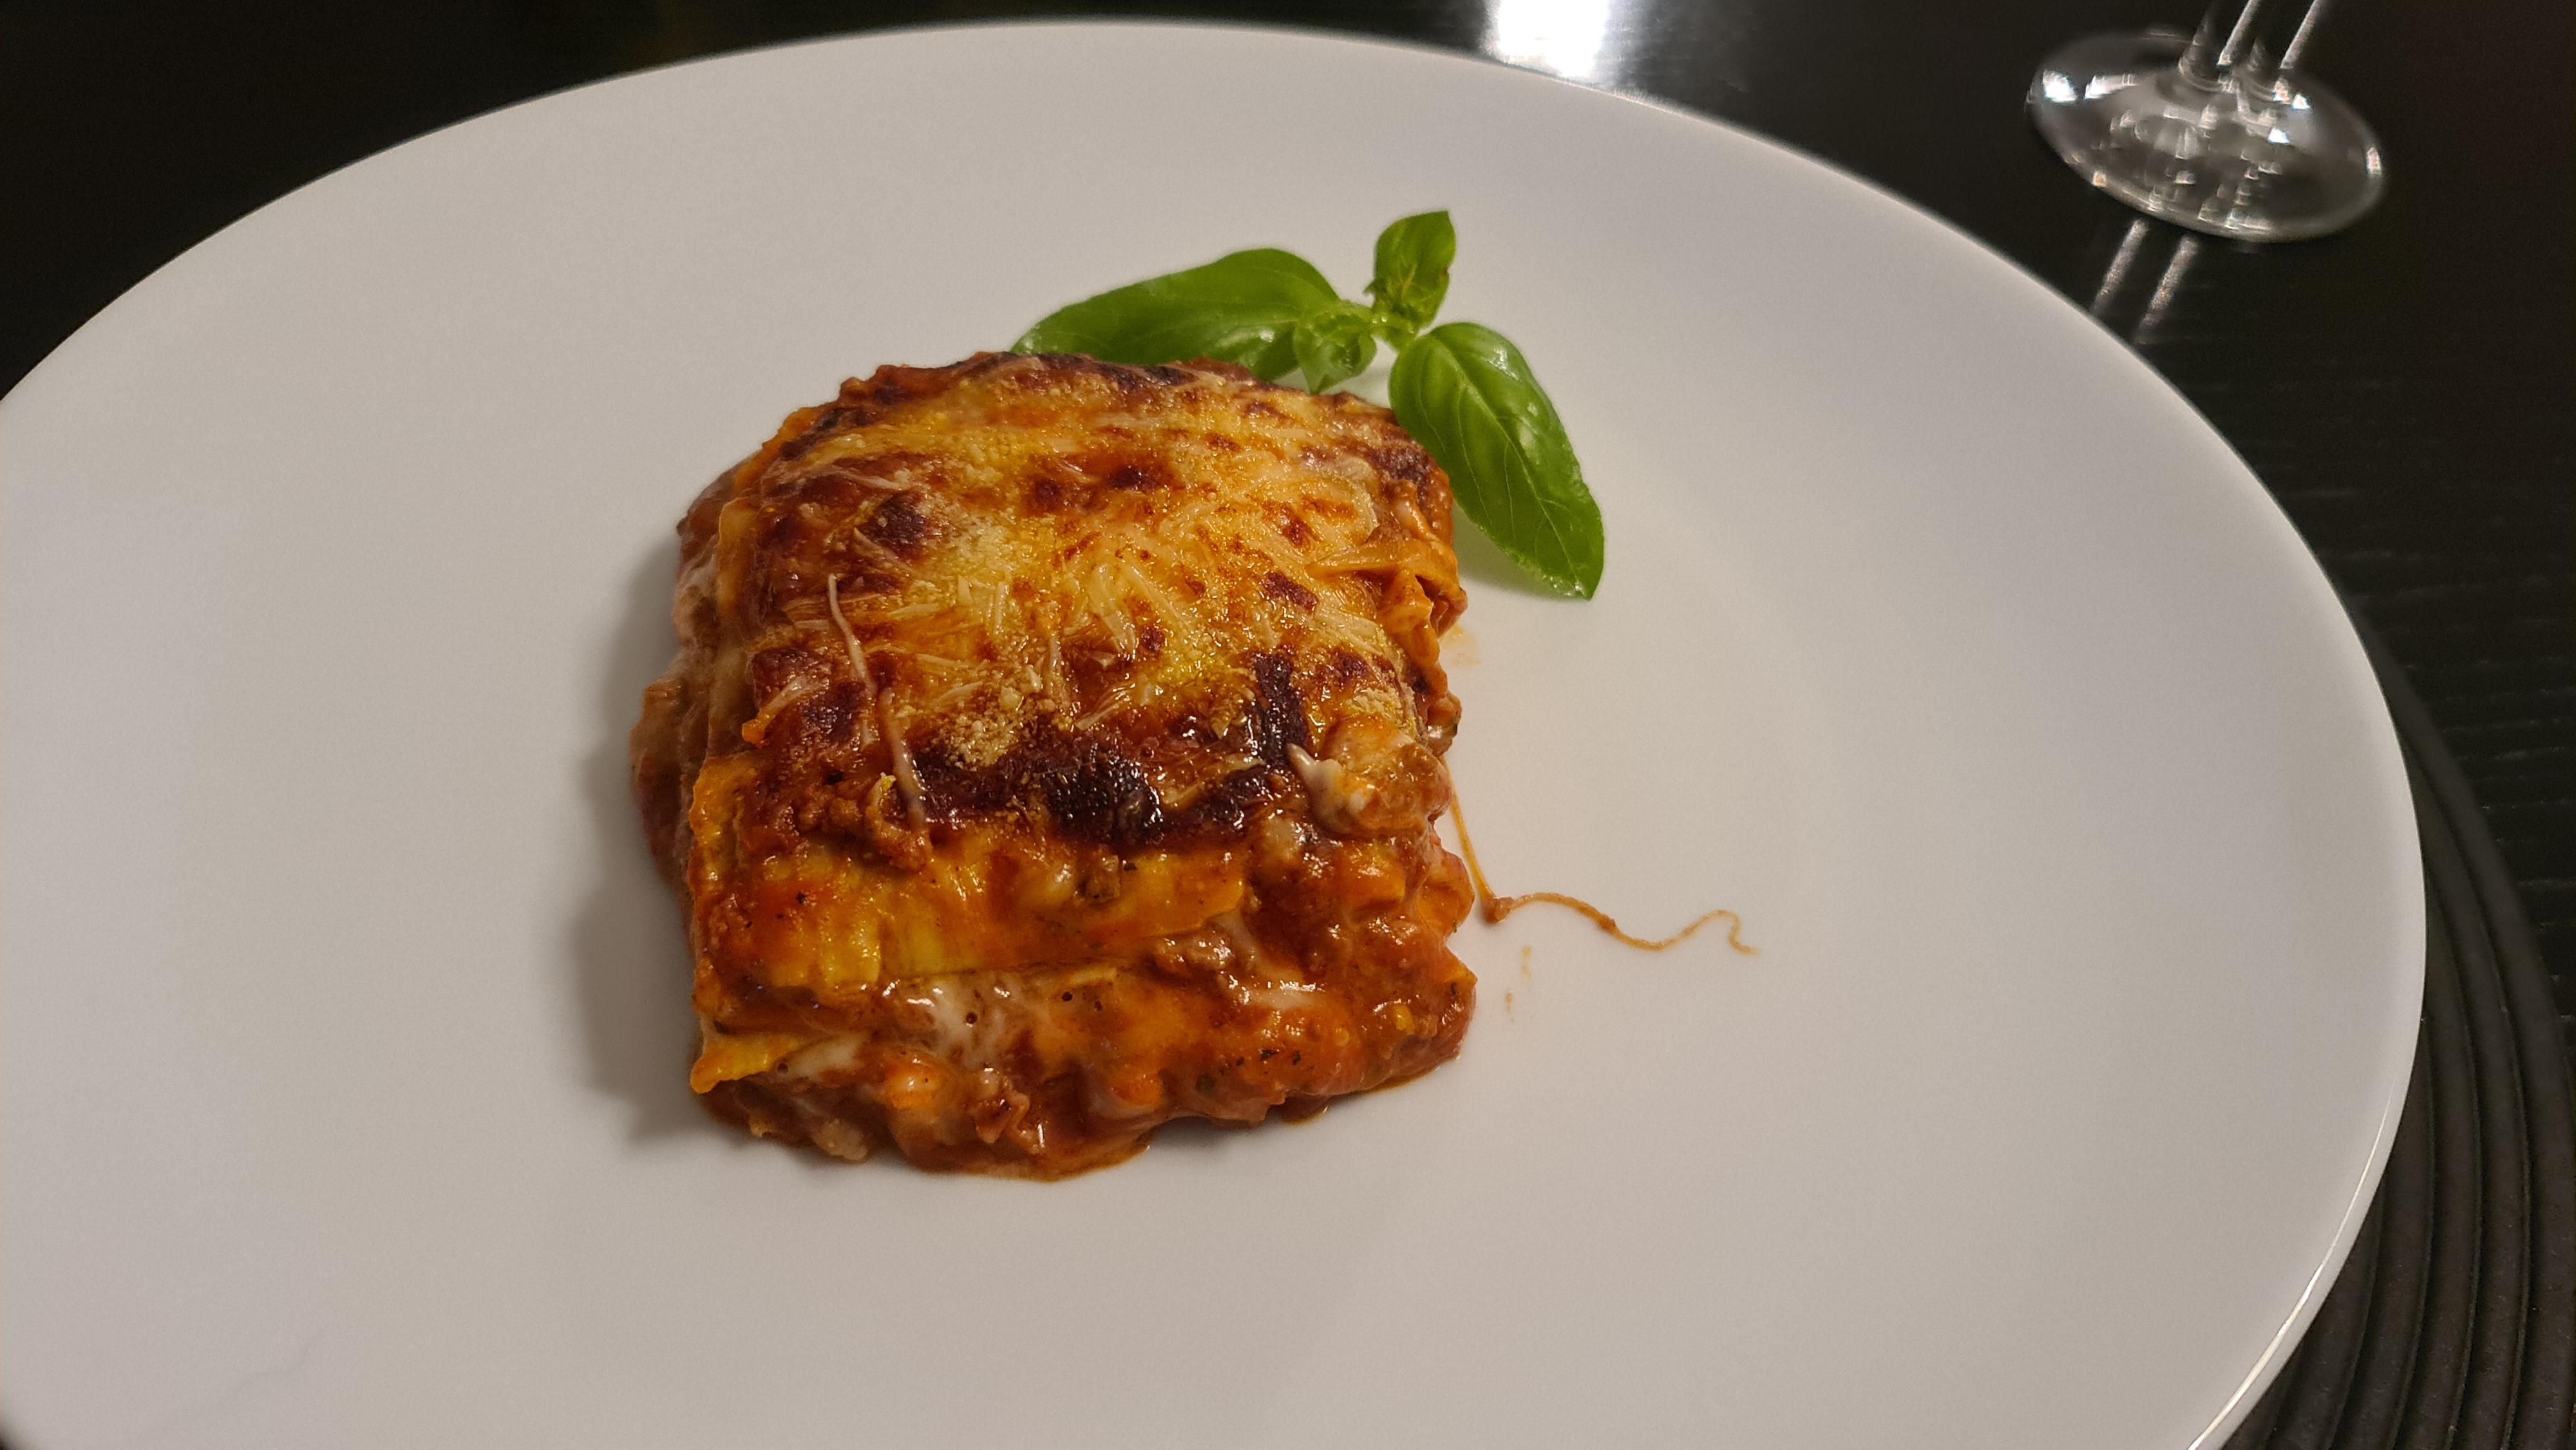 https://foodloader.net/Holz_2020-09-27_Lasagne.jpg